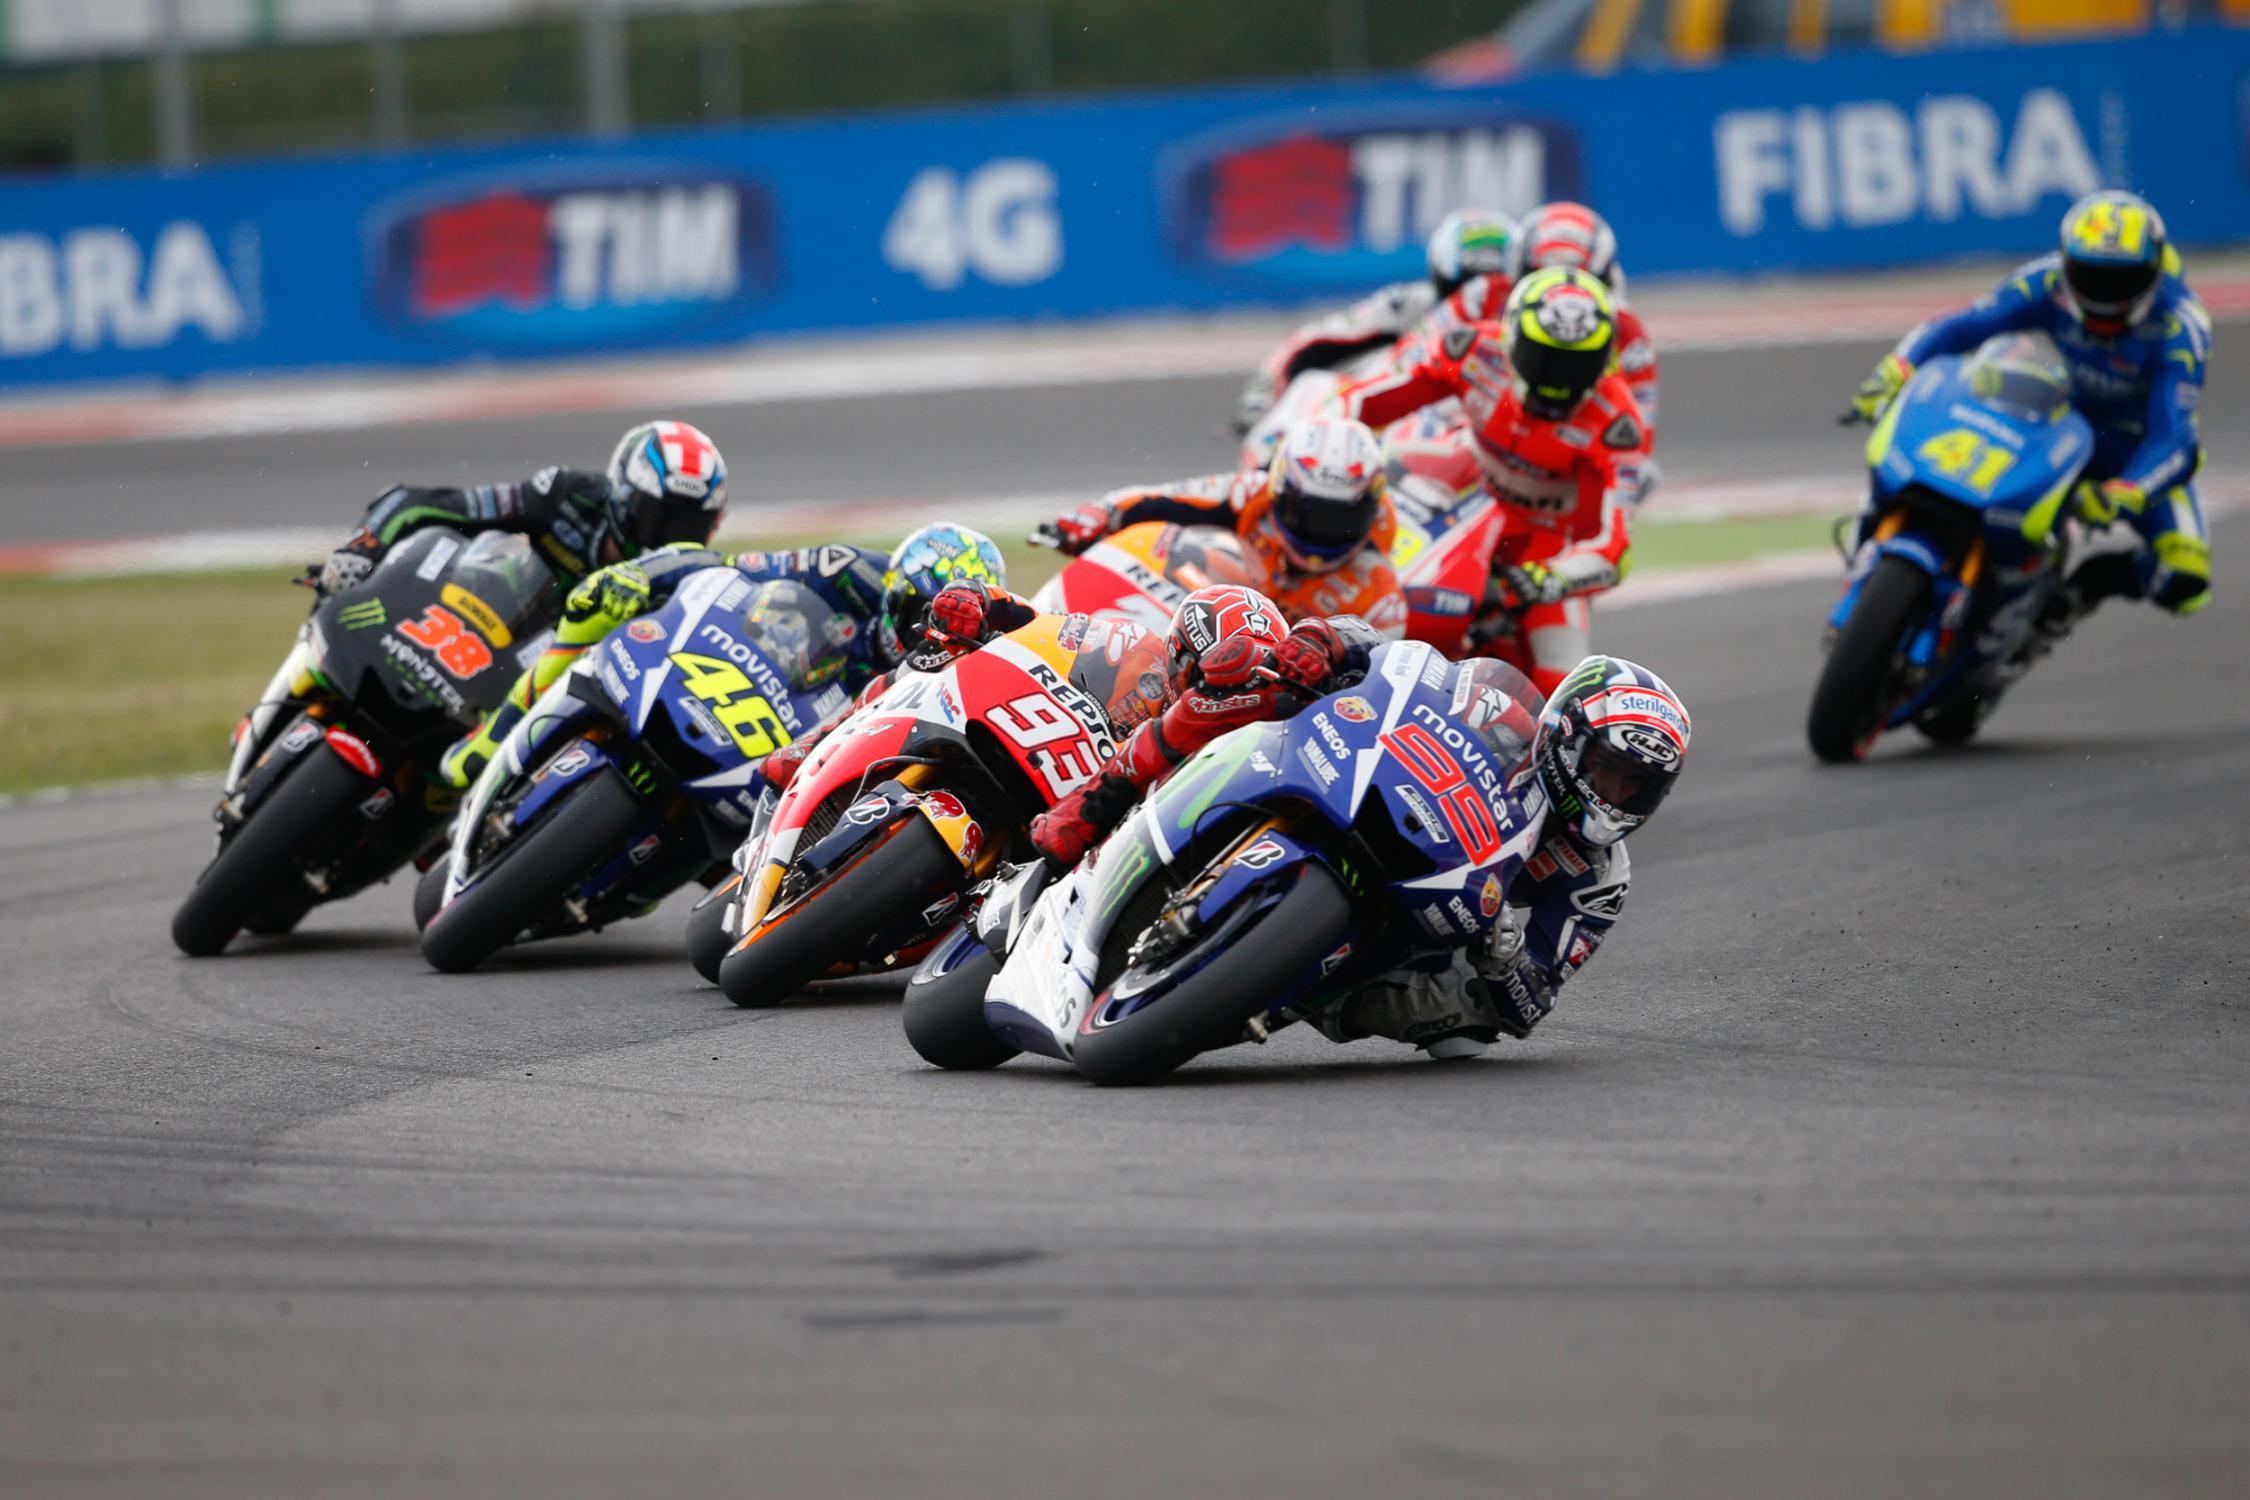 Lorenzo aux commandes de la course dès le départ